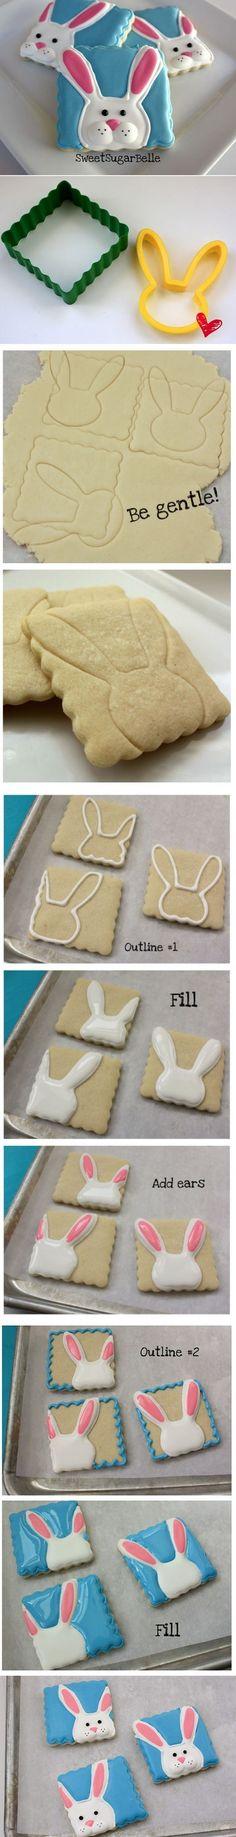 DIY Peeking Bunny Cookies